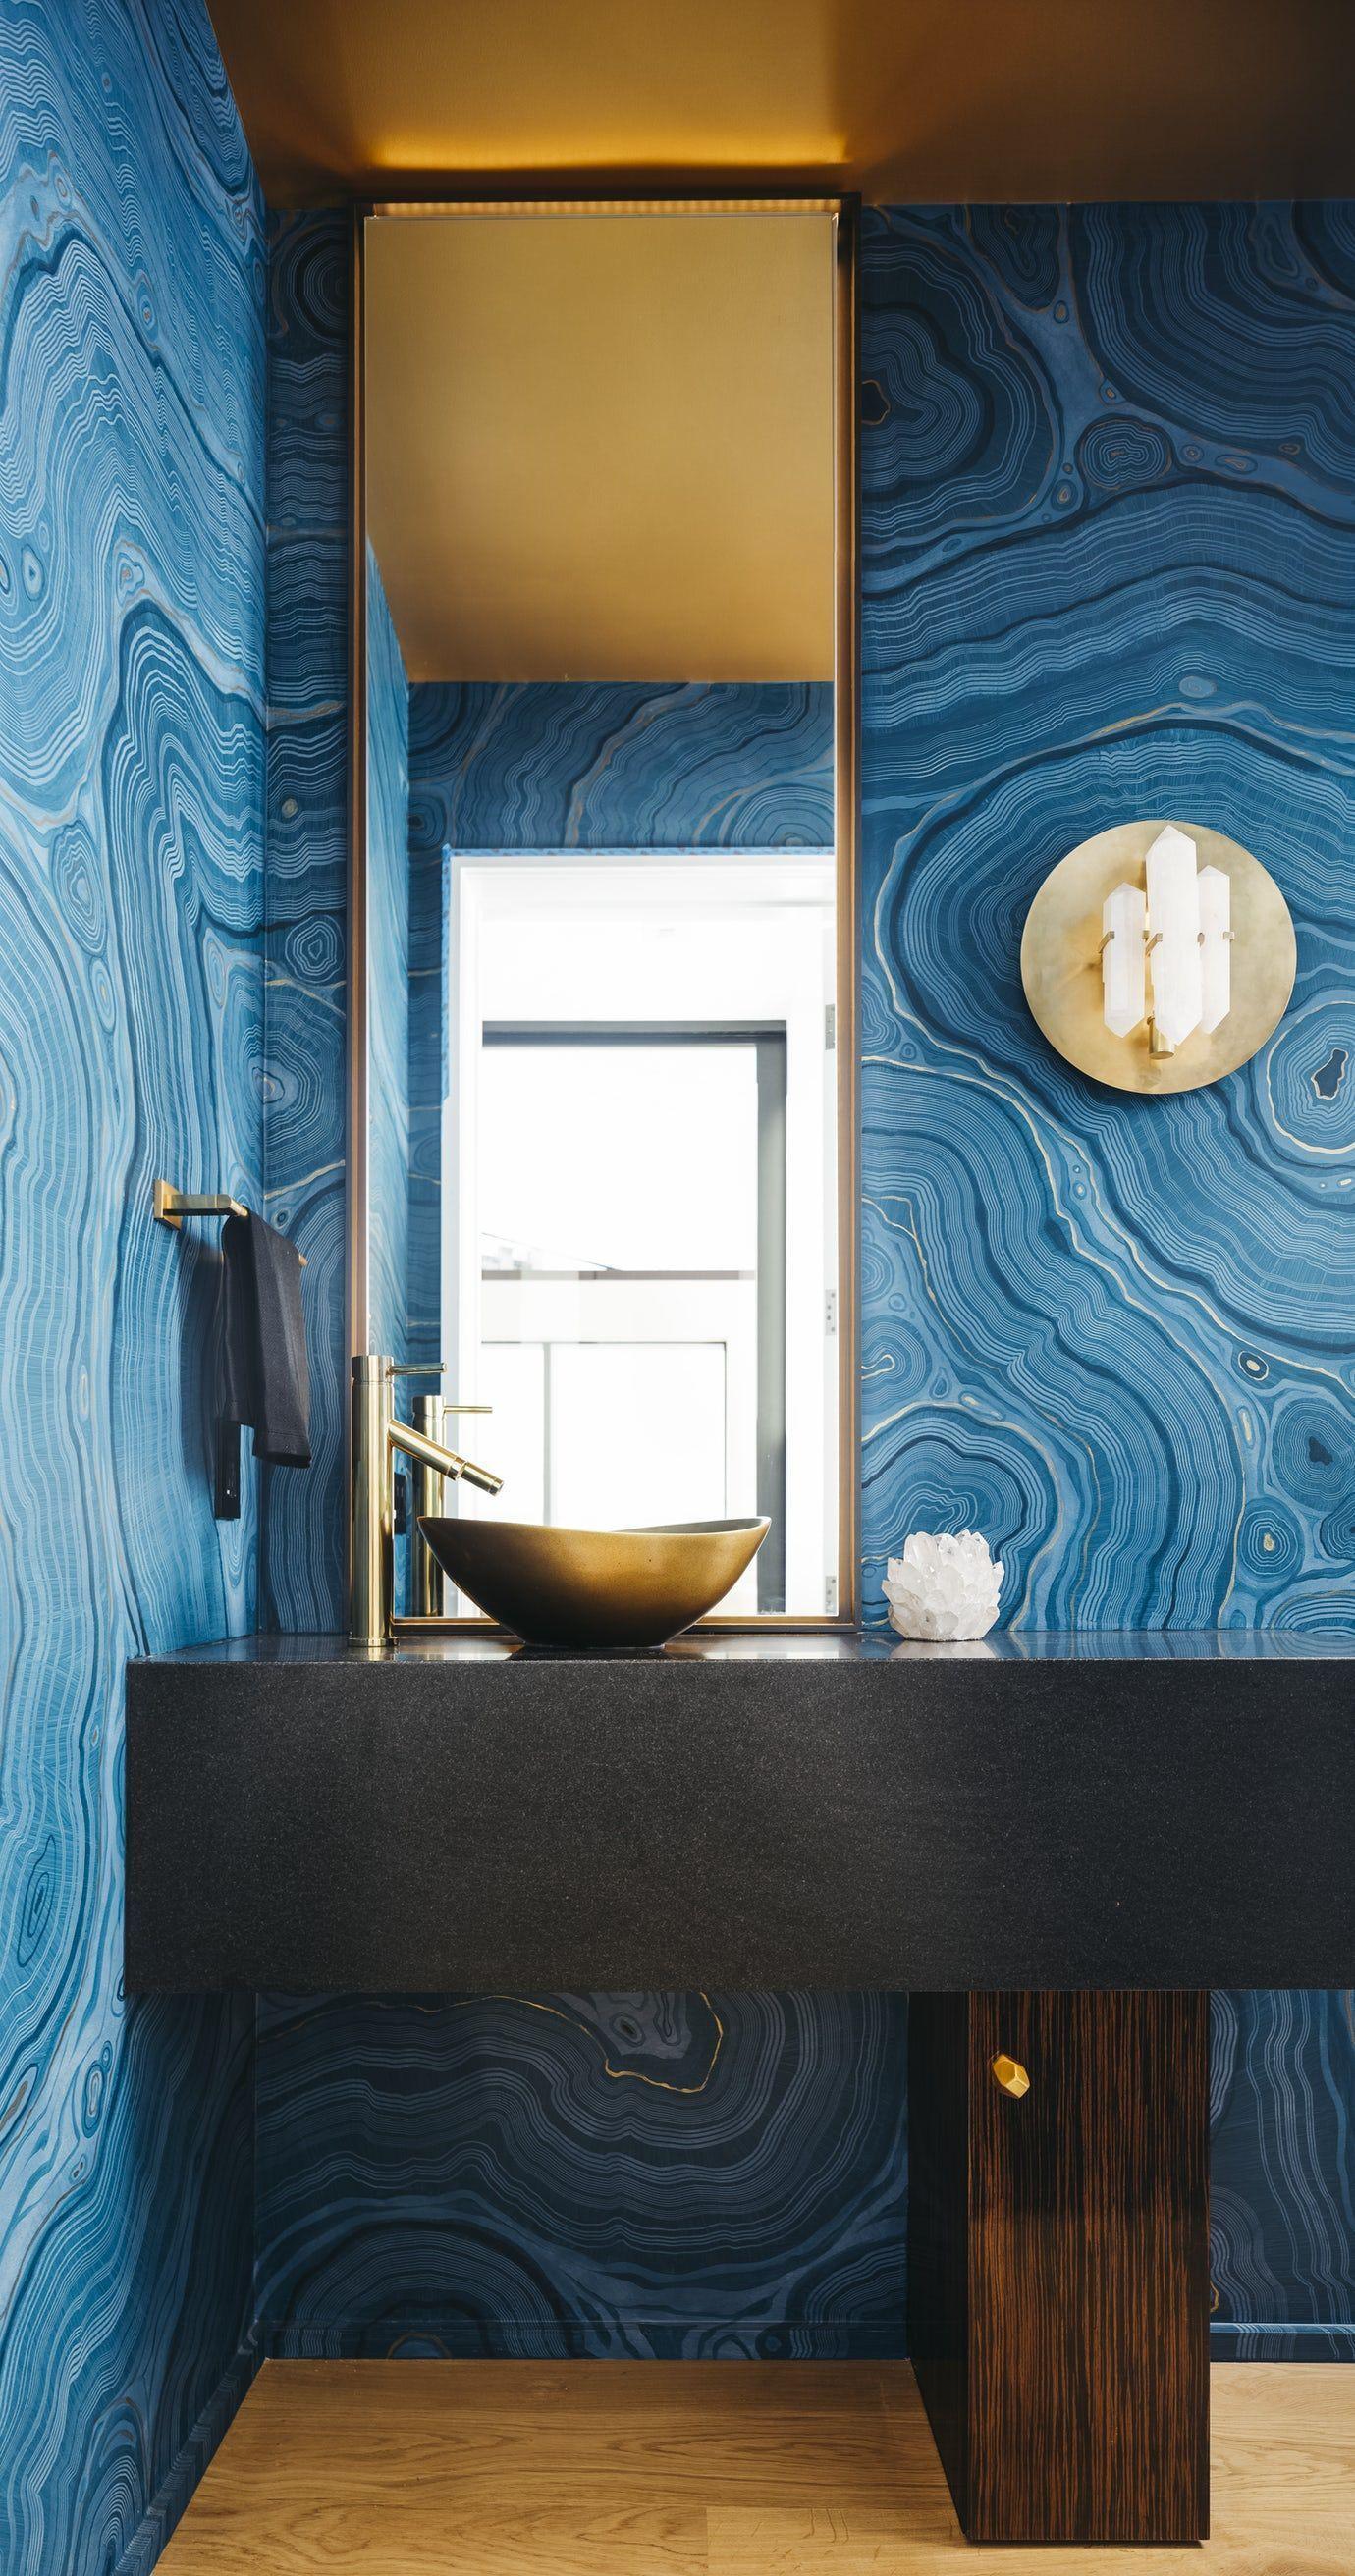 Hình ảnh phòng tắm với giấy dán tường màu xanh vân gỗ ấn tượng, bồn rửa tay bằng đồng sáng bóng